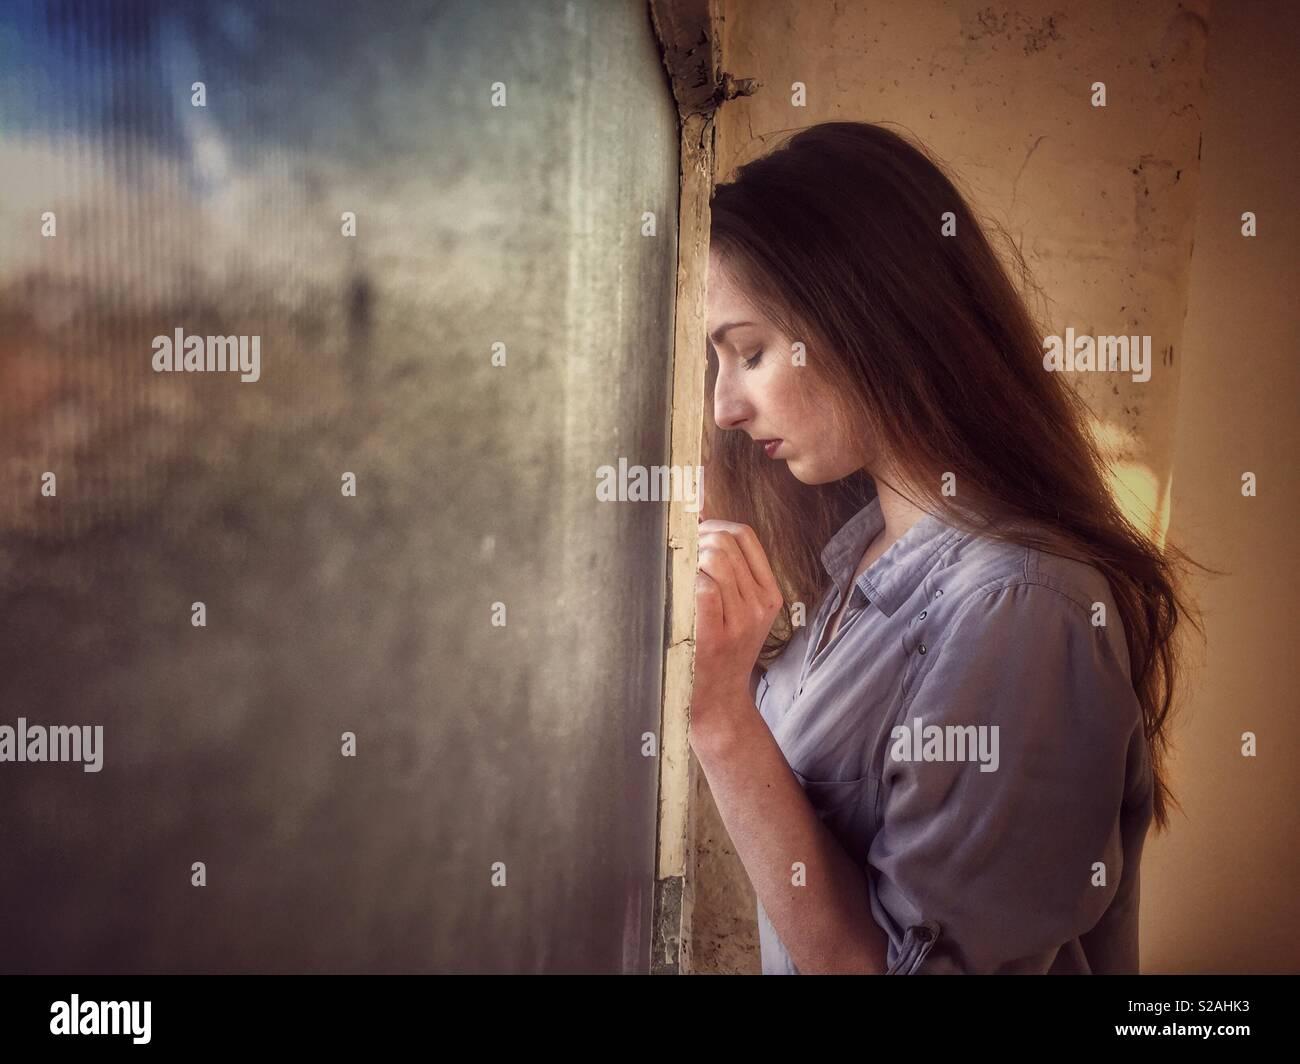 Triste donna appoggiata contro la finestra Immagini Stock